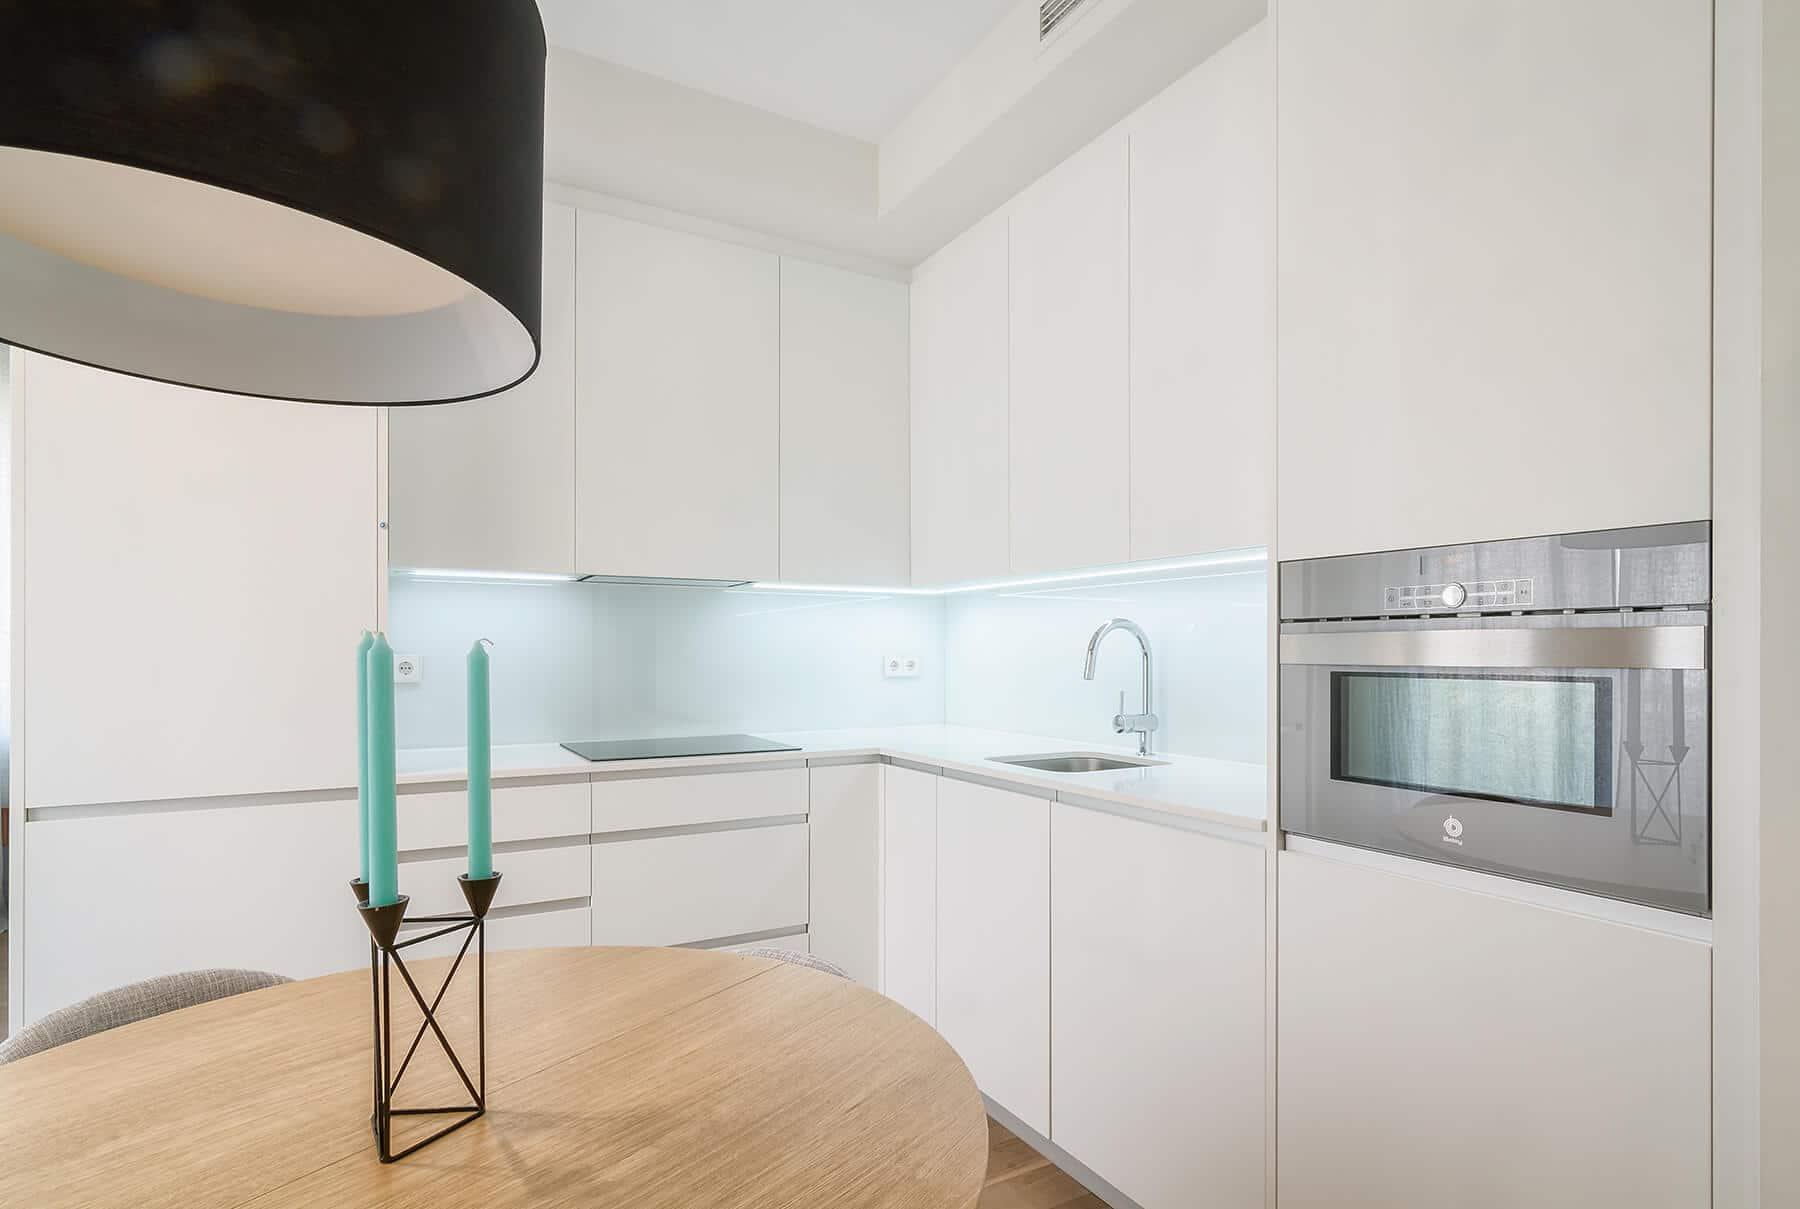 Cocina blanca con mesa de madera - cocinas madrid